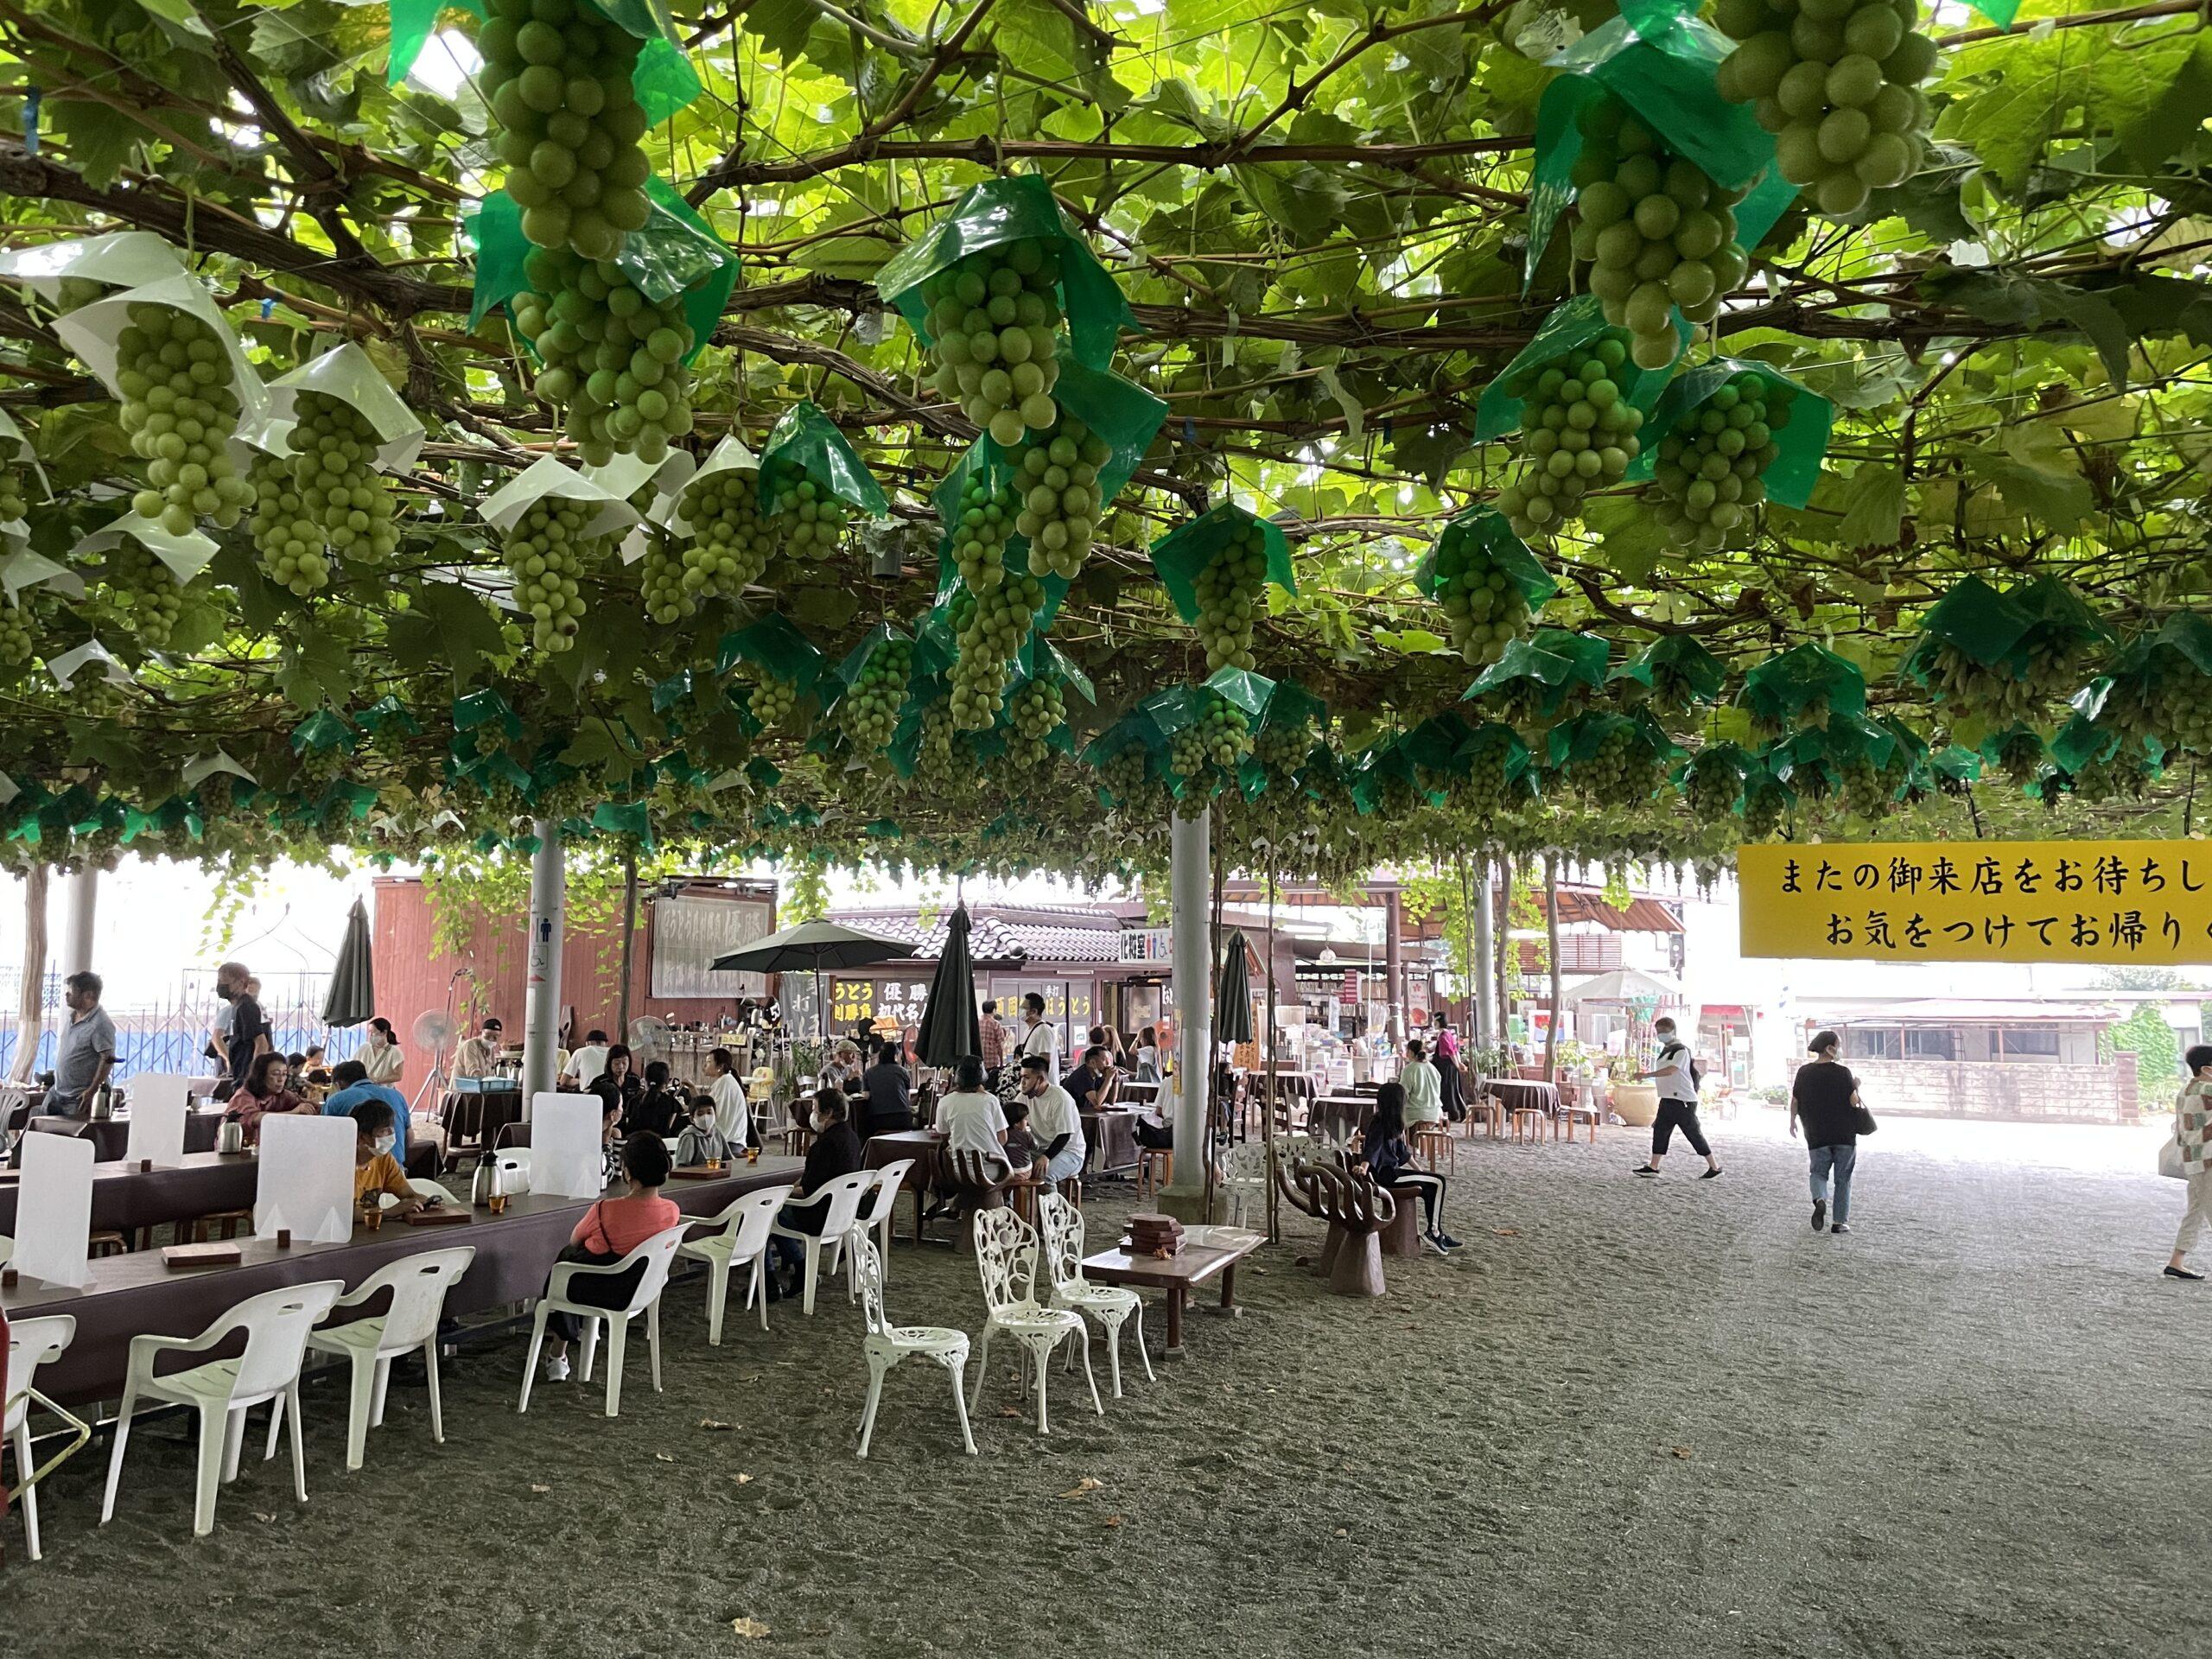 Freiluftrestaurant in Yamanashi, in dem man auch Trauben pflücken darf